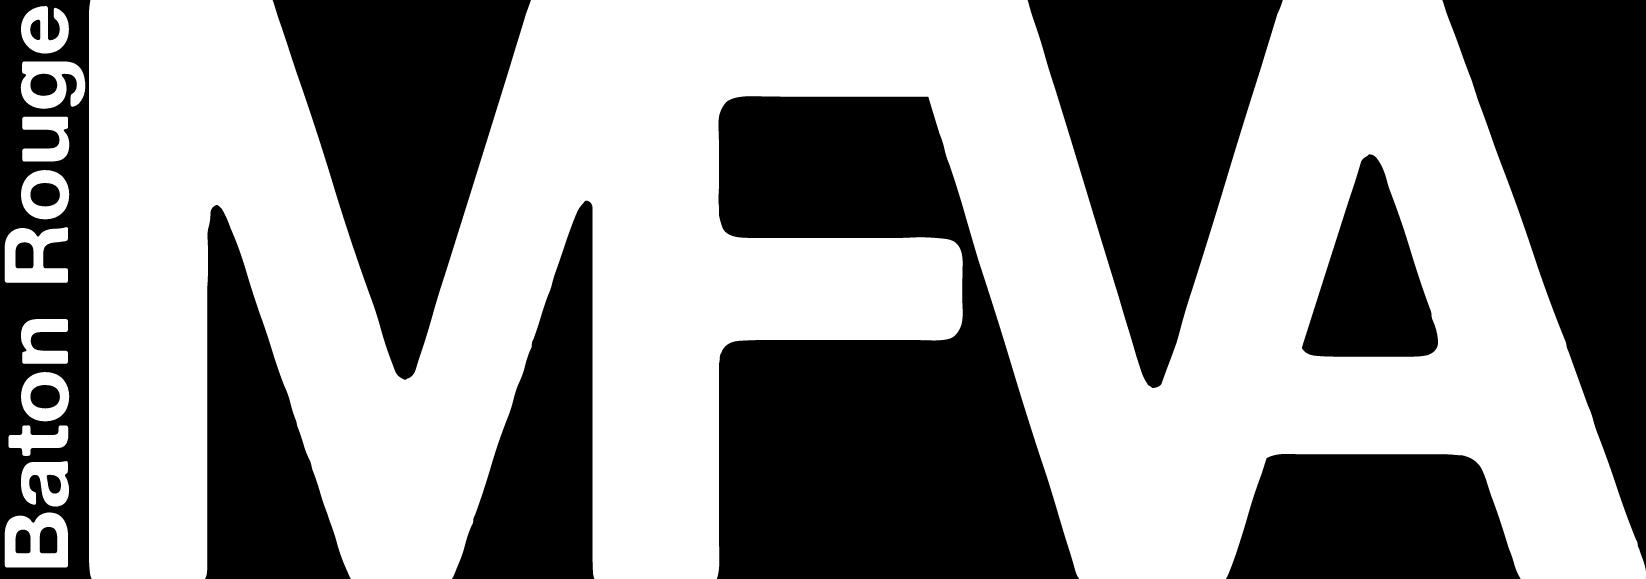 BRMFVA_Logo.jpg